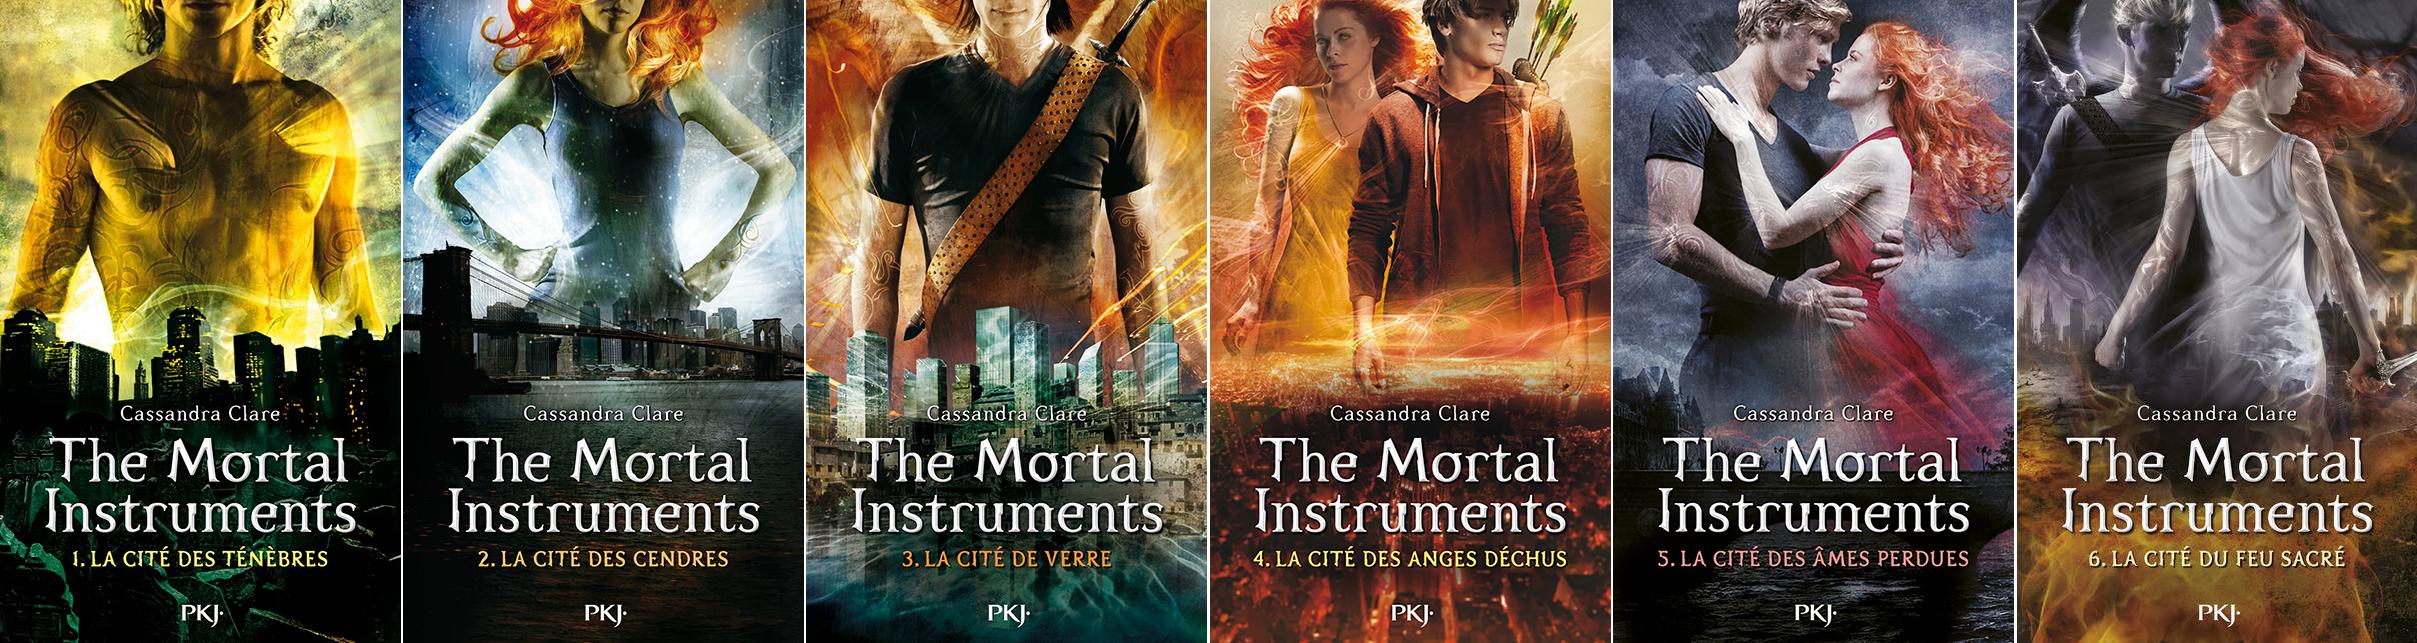 """Résultat de recherche d'images pour """"saga the mortal instrument livres"""""""